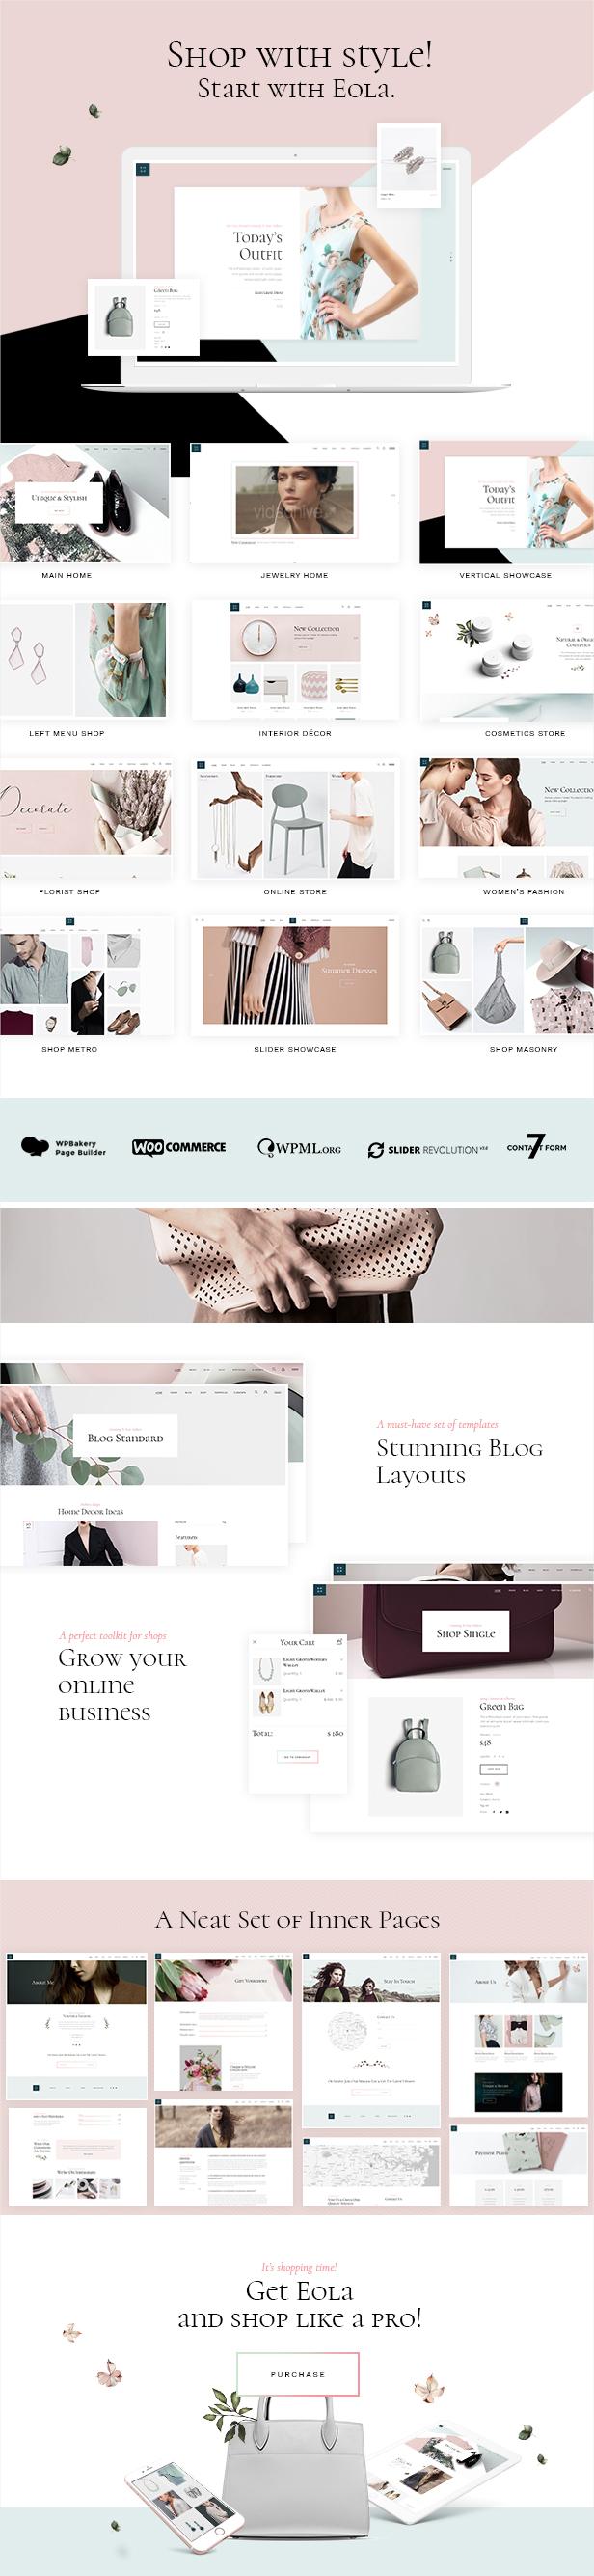 Eola - Elegant WooCommerce Theme - 1